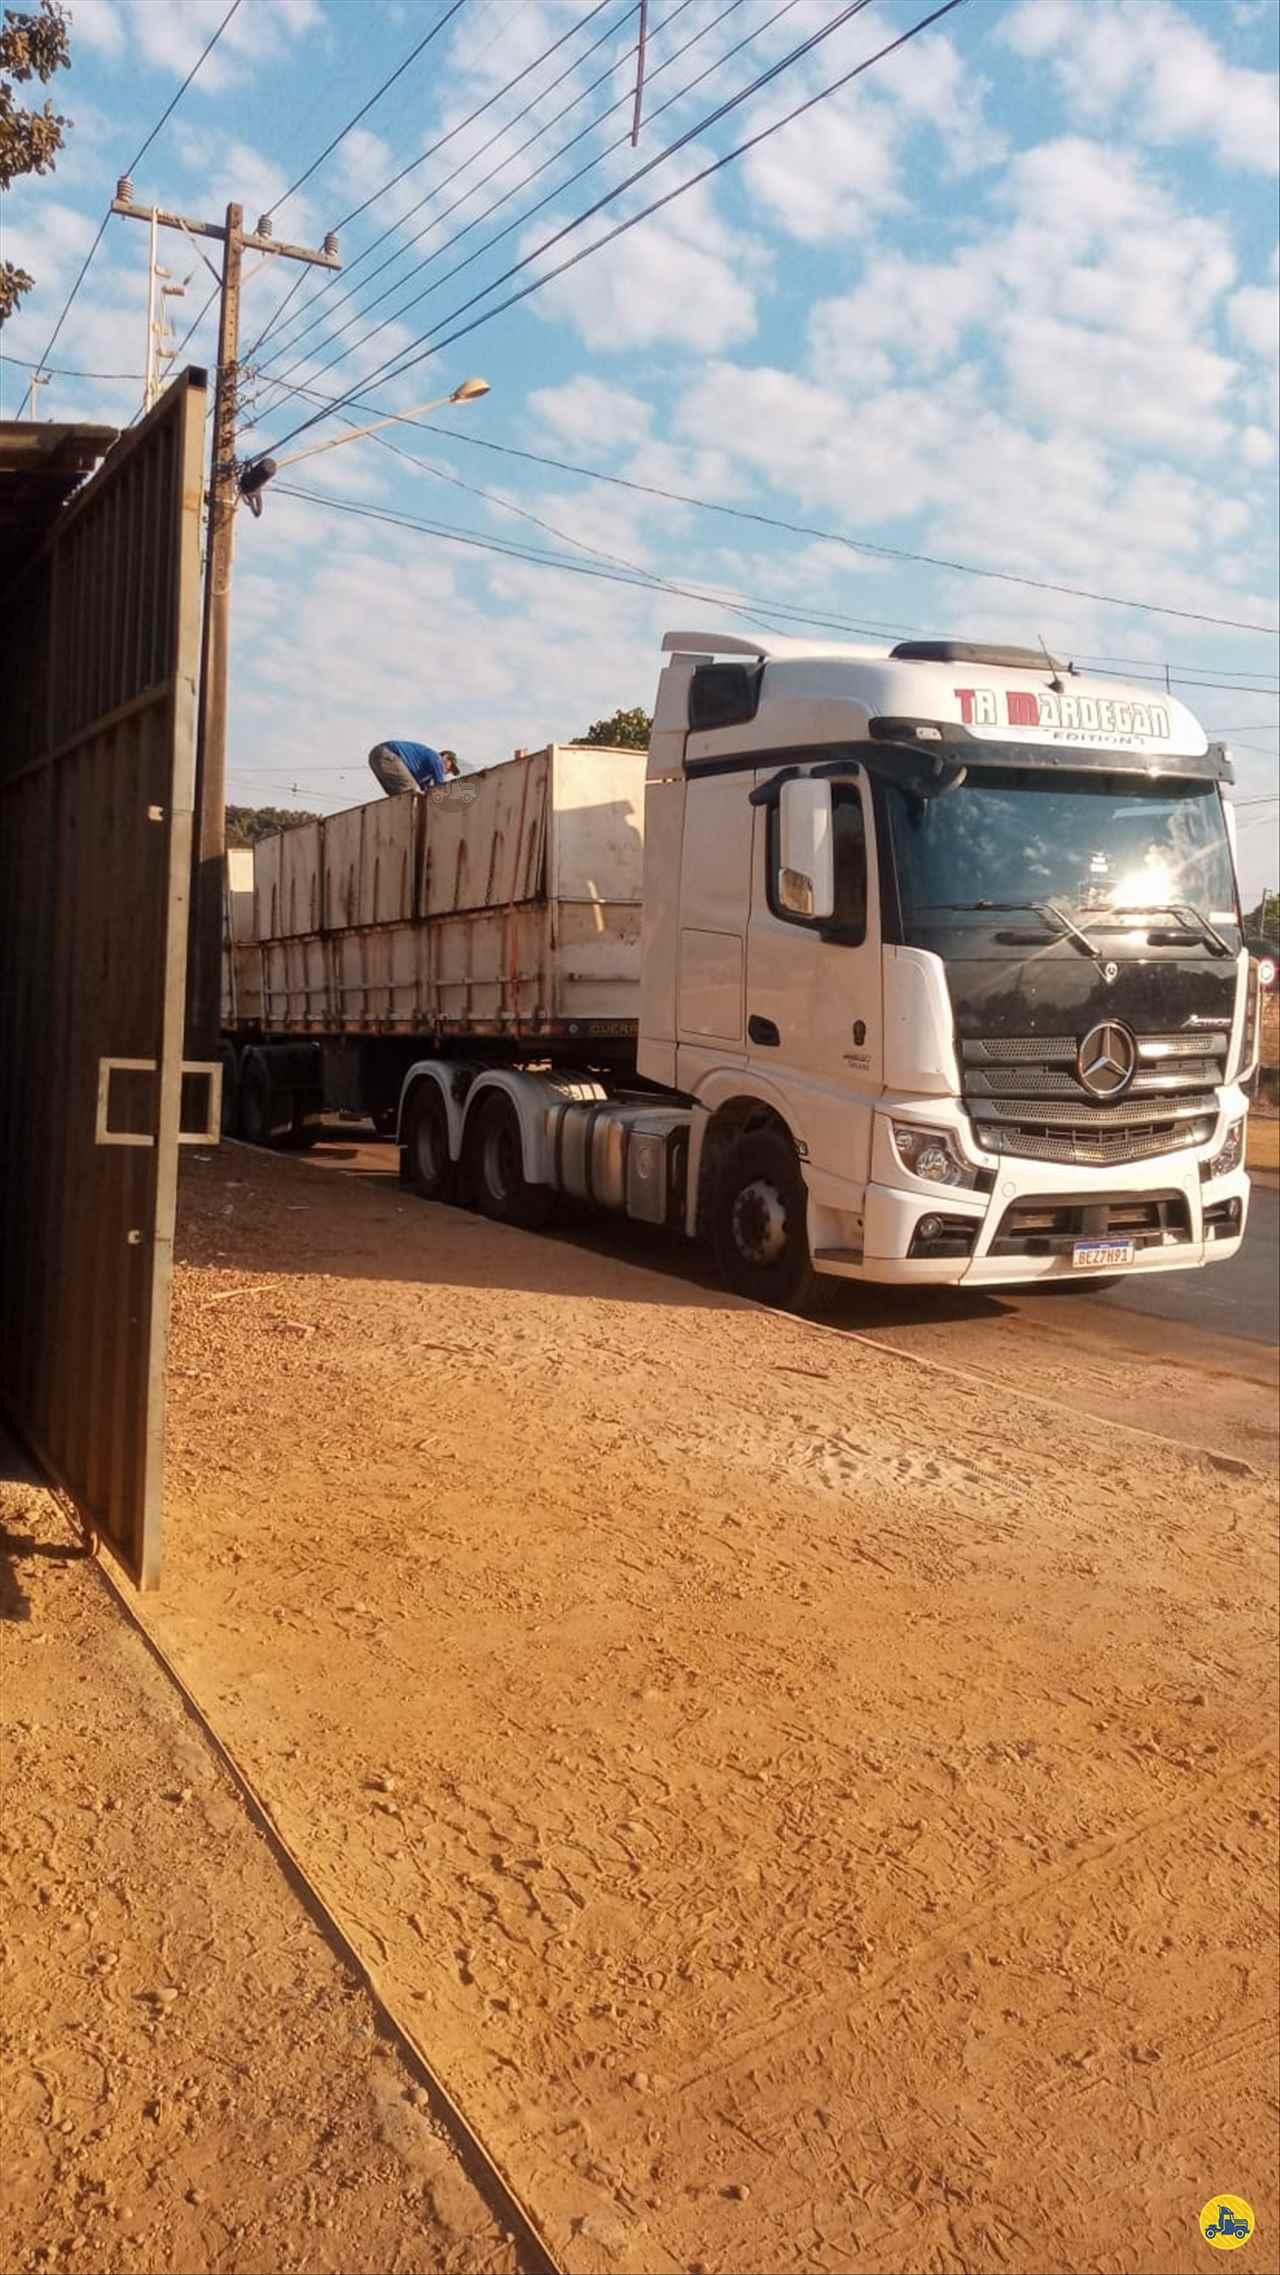 MB 2651 de Cotral Caminhões - SERRA DO SALITRE/MG